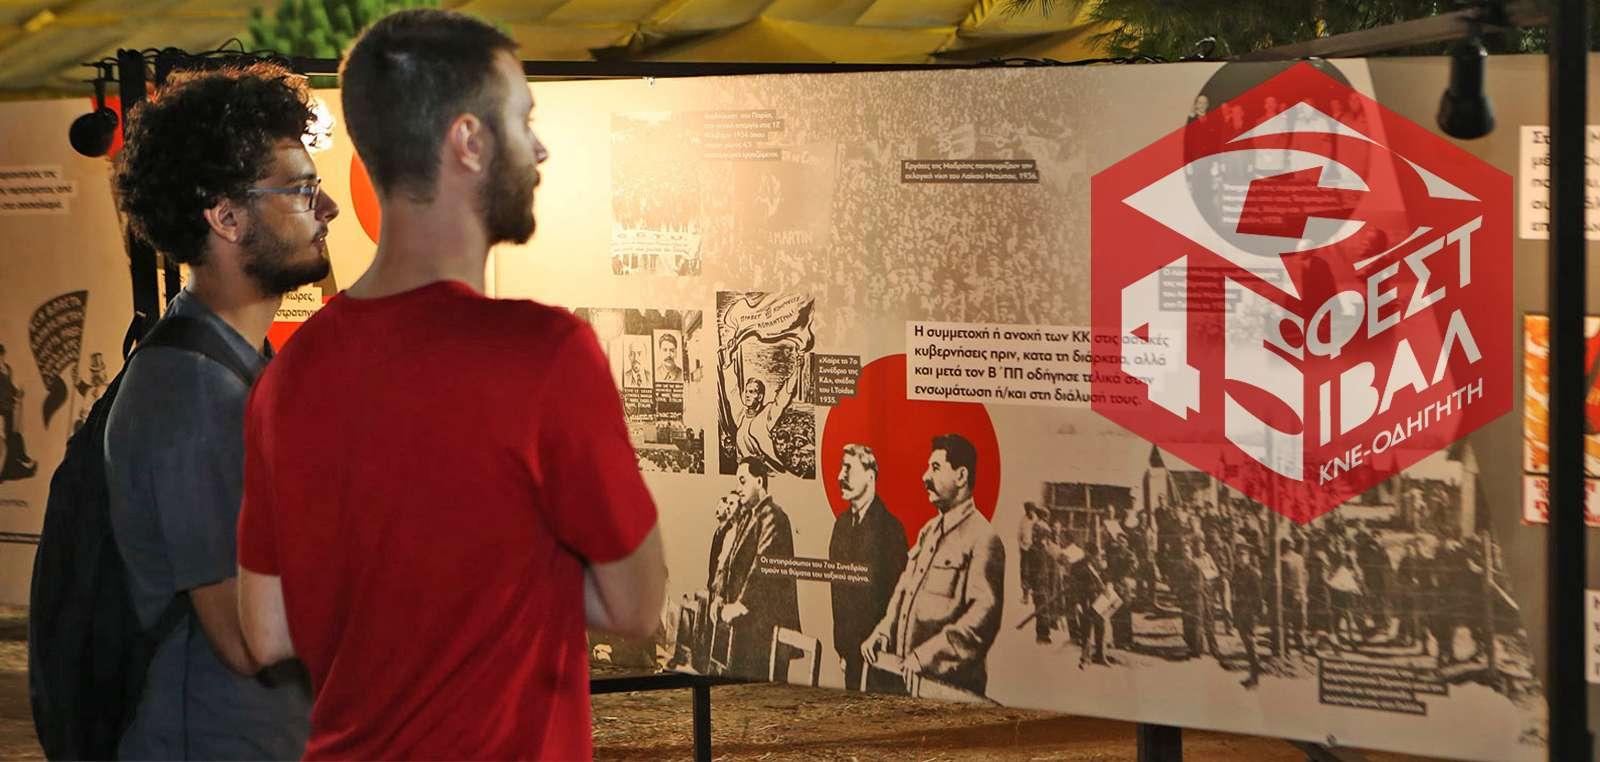 45ο ΦΕΣΤΙΒΑΛ ΚΝΕ-«ΟΔΗΓΗΤΗ» Με χιλιάδες λαού και νεολαίας η 1η μερα των εκδηλώσεων στο Πάρκο «Αντ. Τρίτσης»